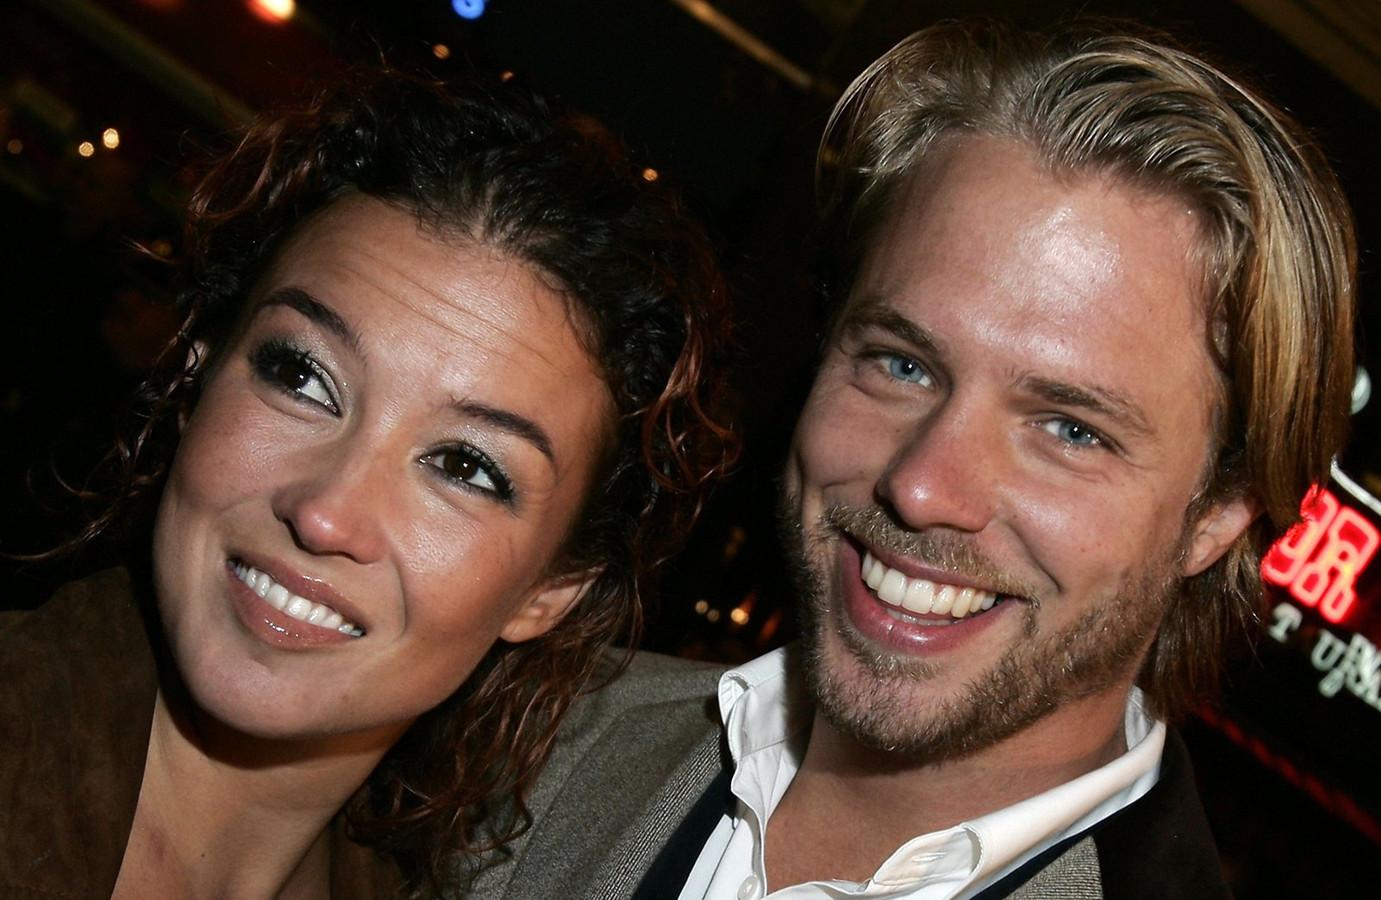 Katja en Thijs in 2004.